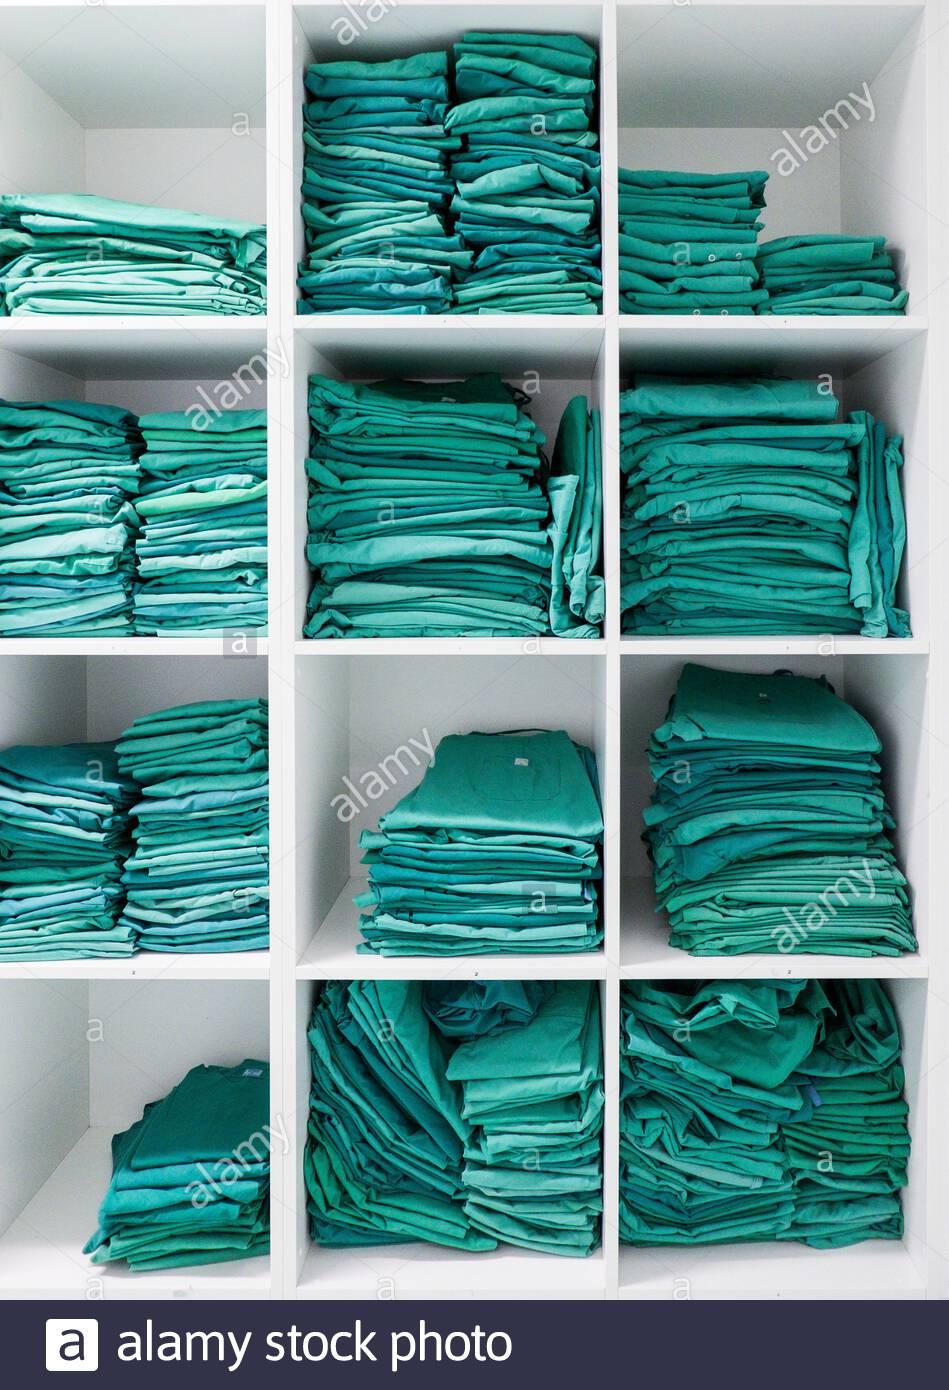 Grüne OP Kleidung in einem Regal in einem Krankenhaus Stock Photo